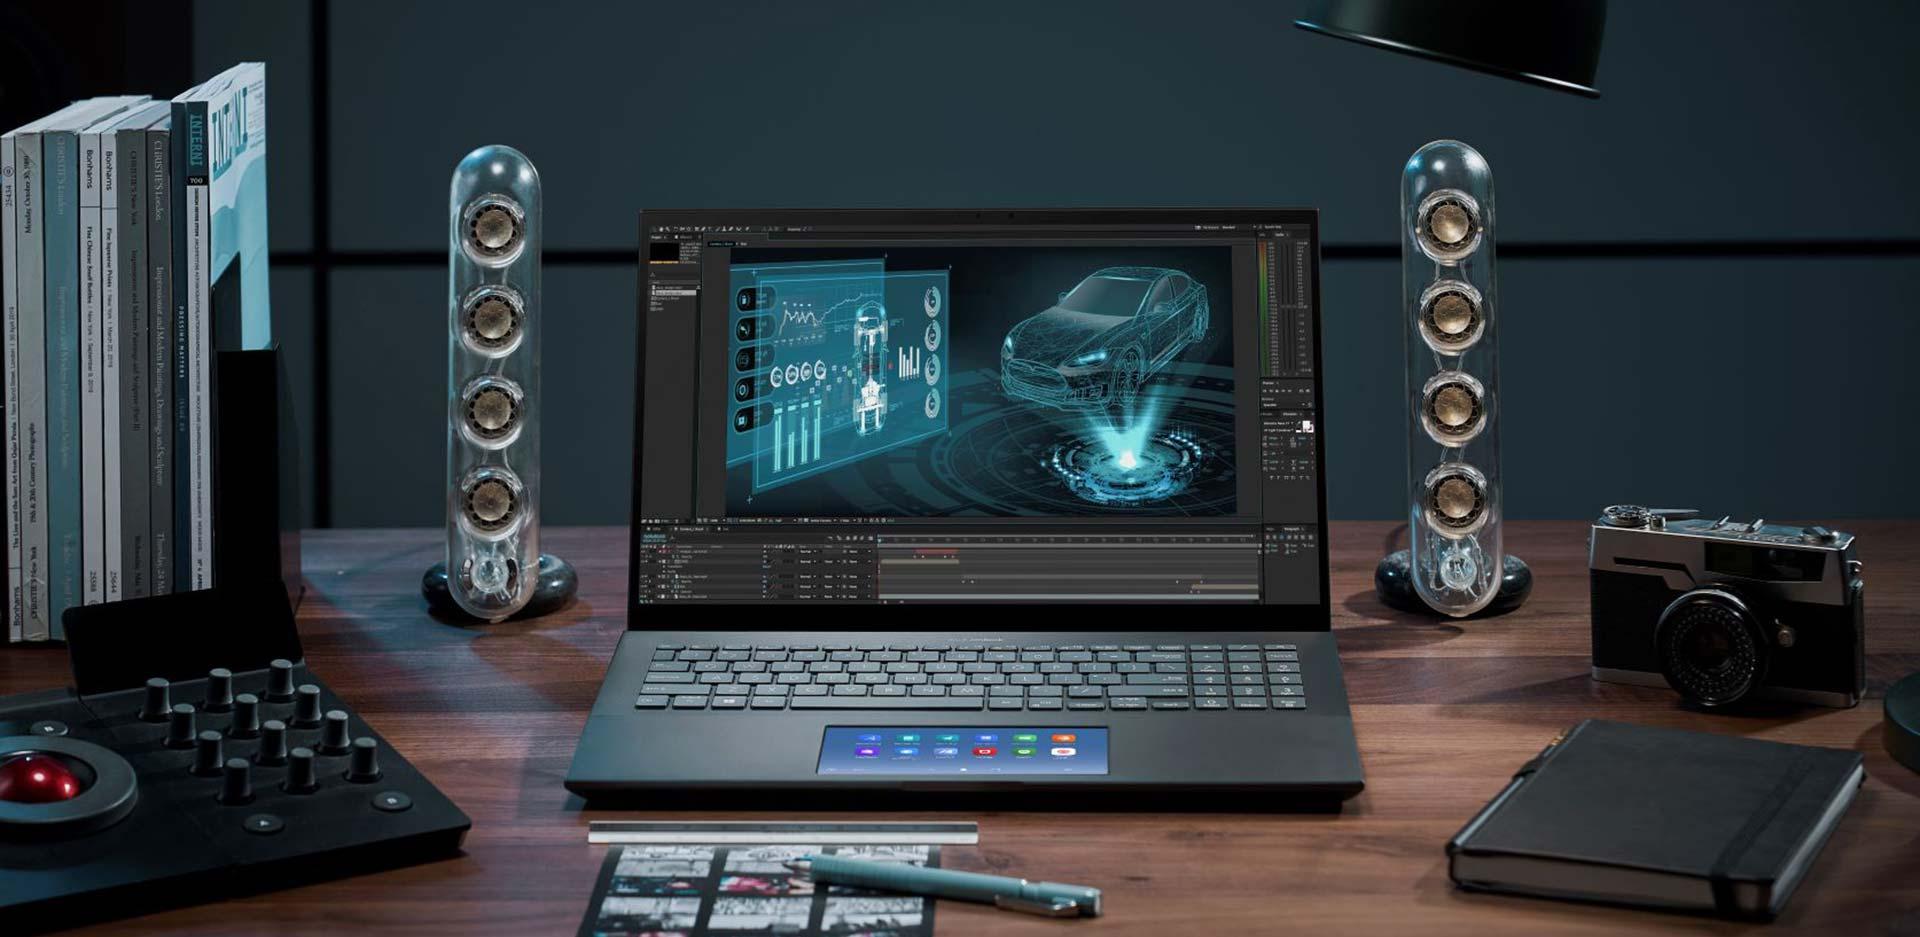 Asus ZenBook Pro 15 UX535 2020 update